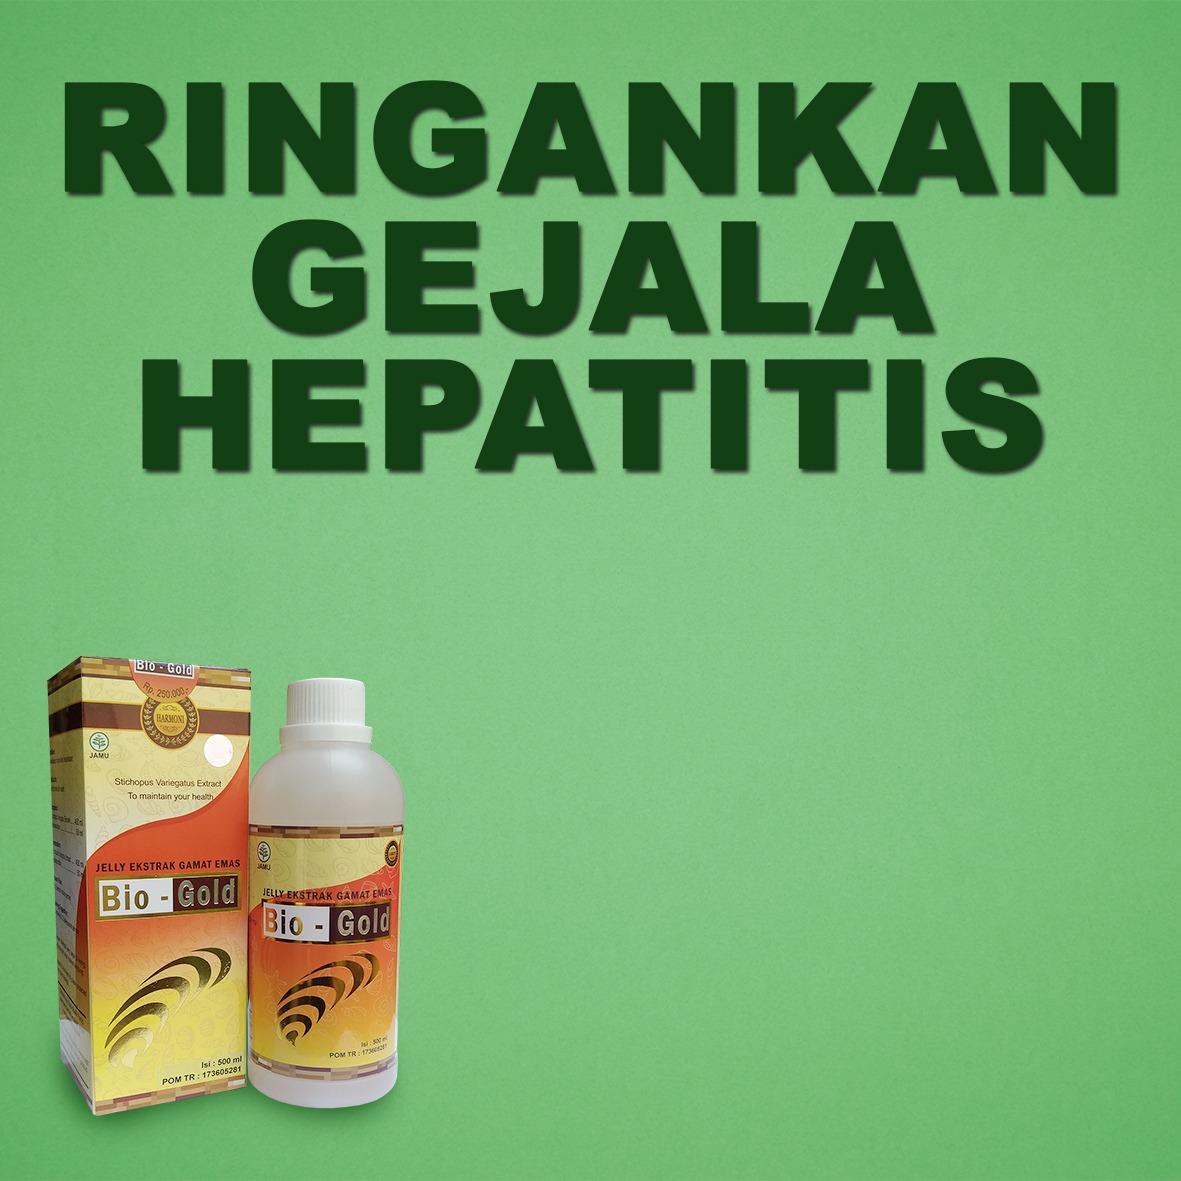 Jelly Gamat Dapat Mengurangi Gejala Hepatitis Ringan